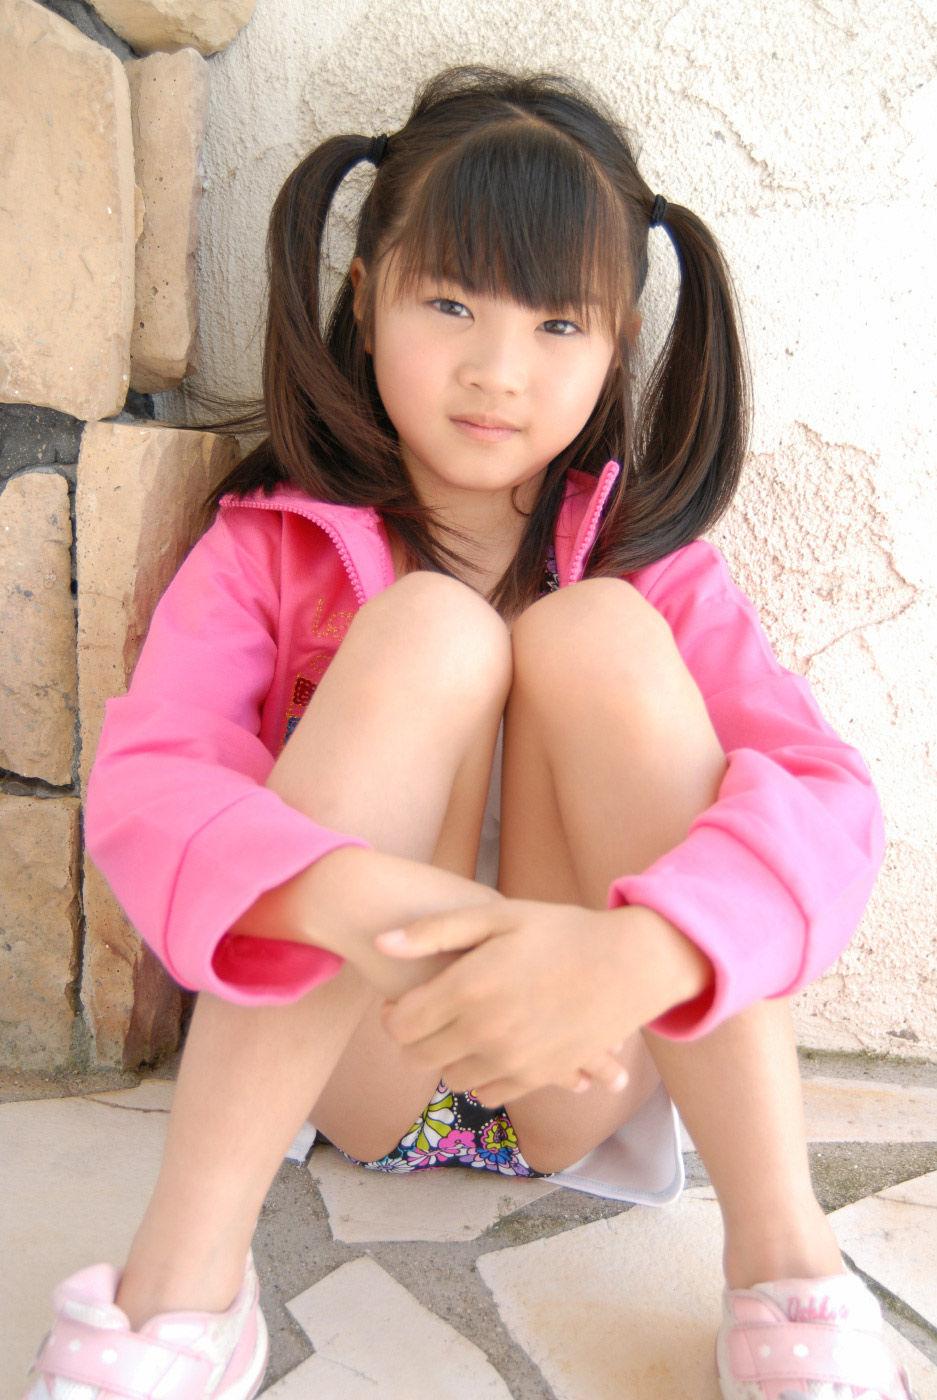 日本当今最年幼的写真模特――三浦璃那